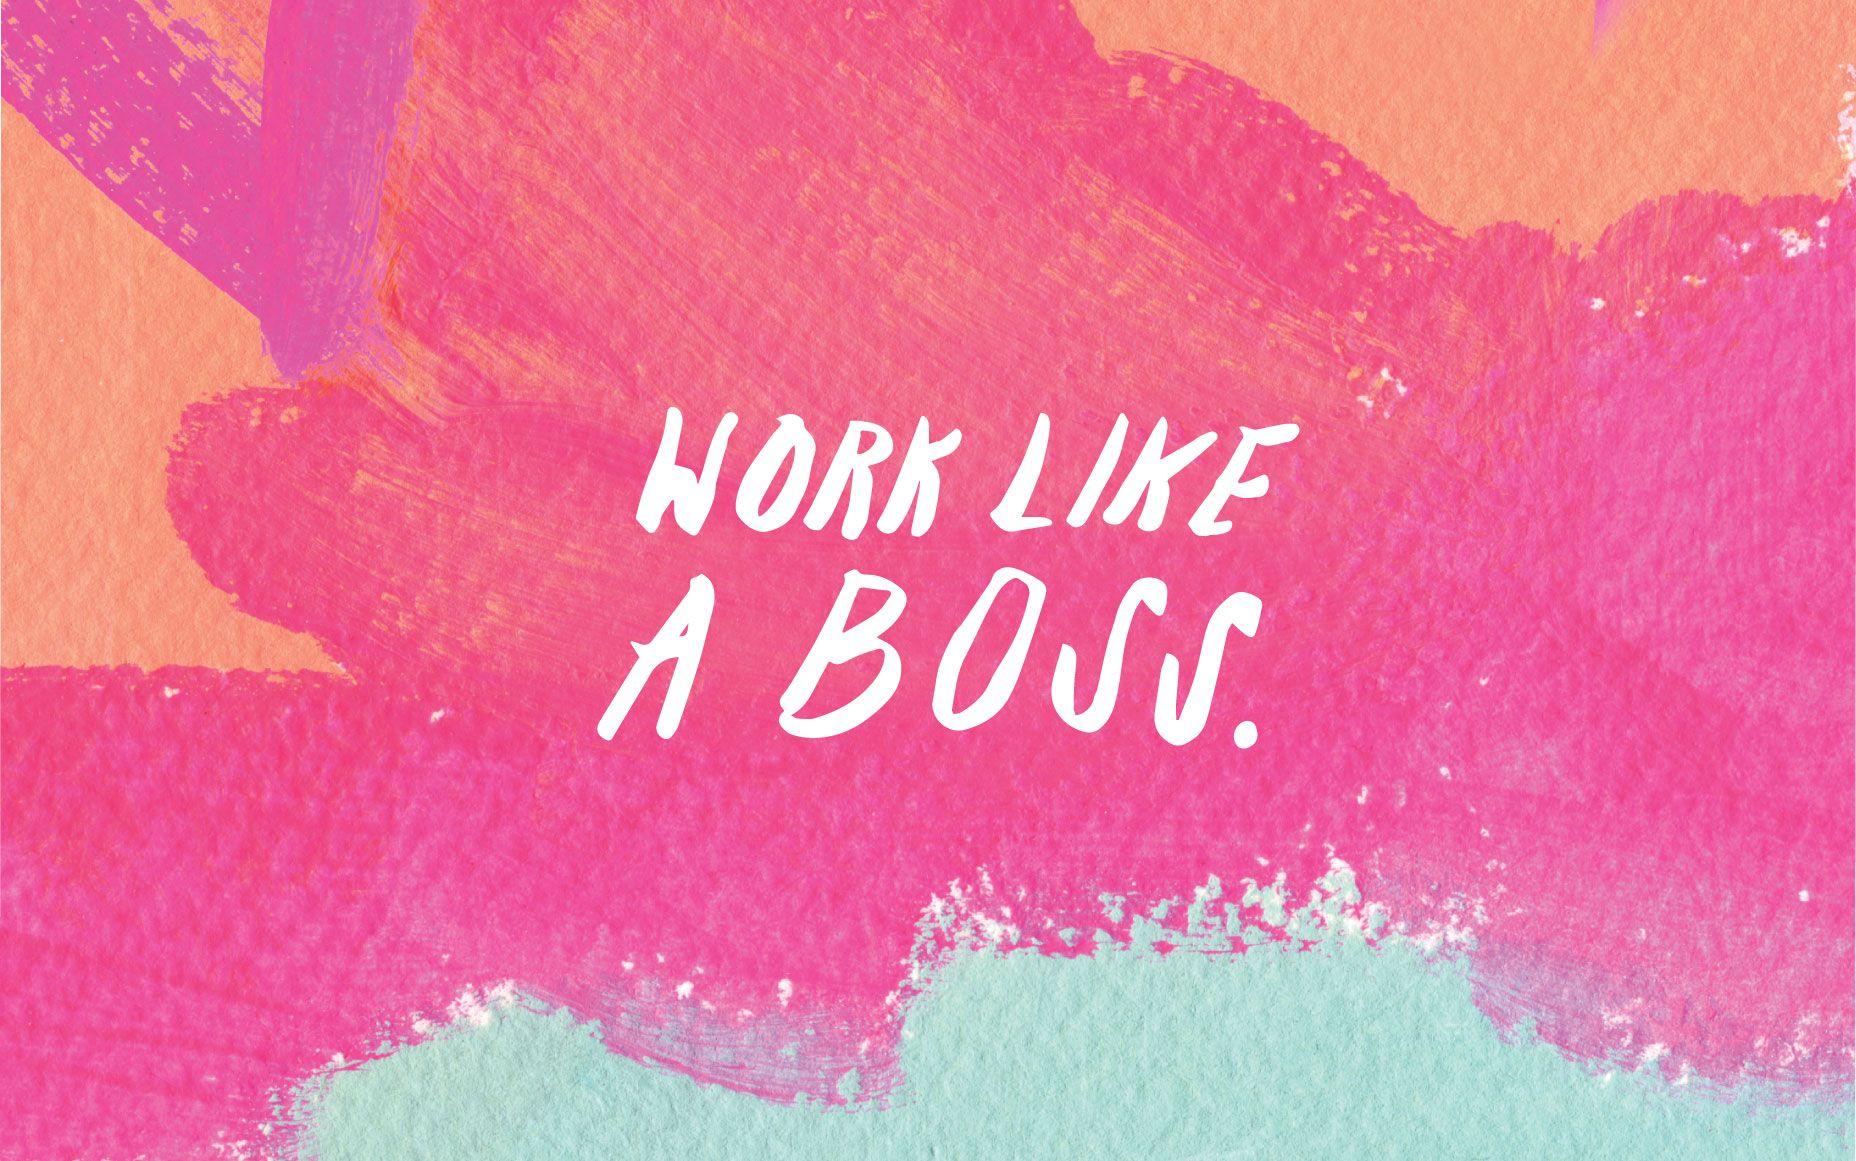 Hd wallpaper pinterest - Pastel Inspirational Wallpaper Http Hdwallpaper Info Pastel Inspirational